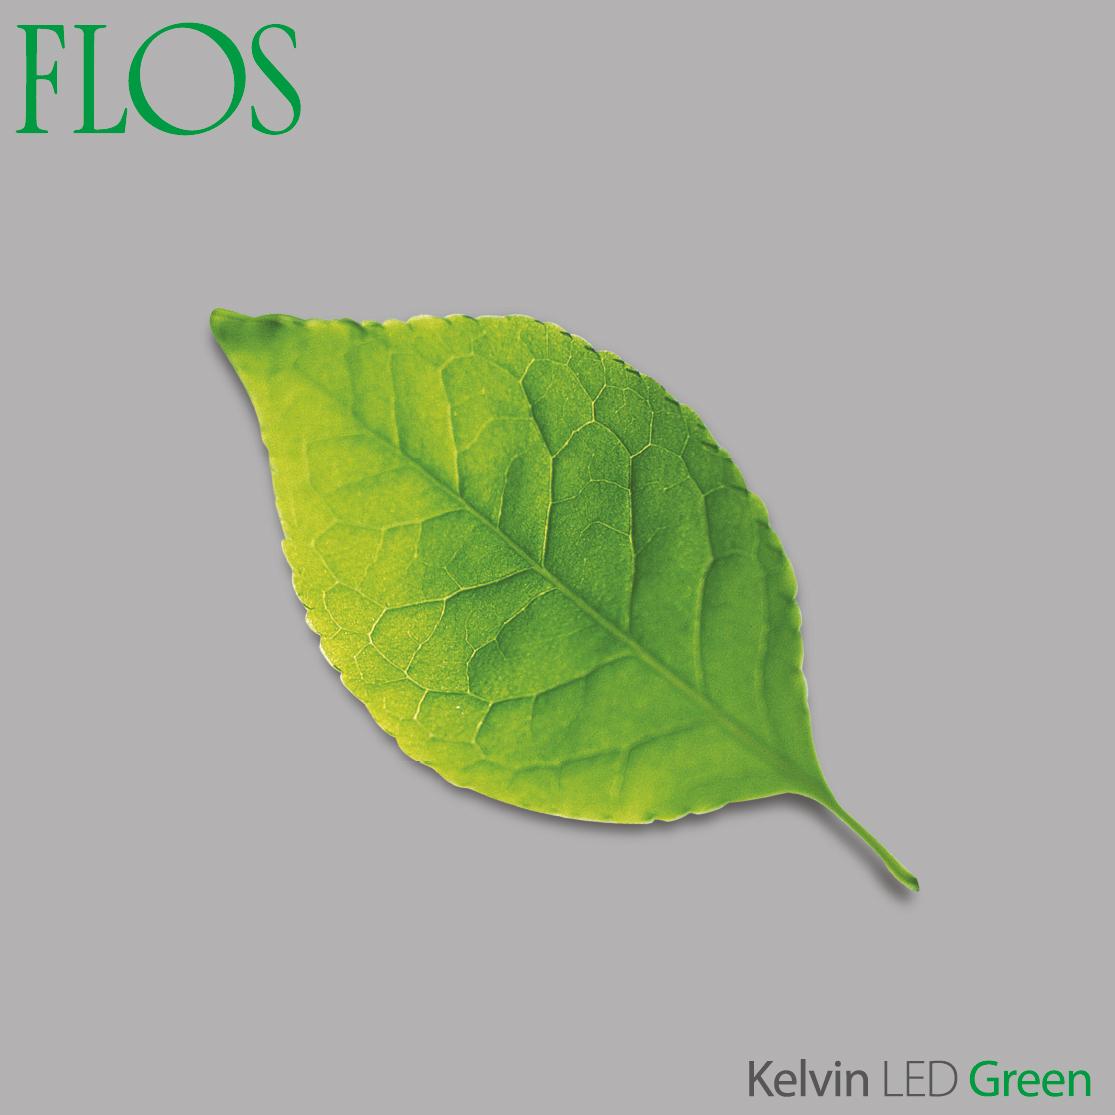 modern interior design kelvin led green mode led flos. Black Bedroom Furniture Sets. Home Design Ideas